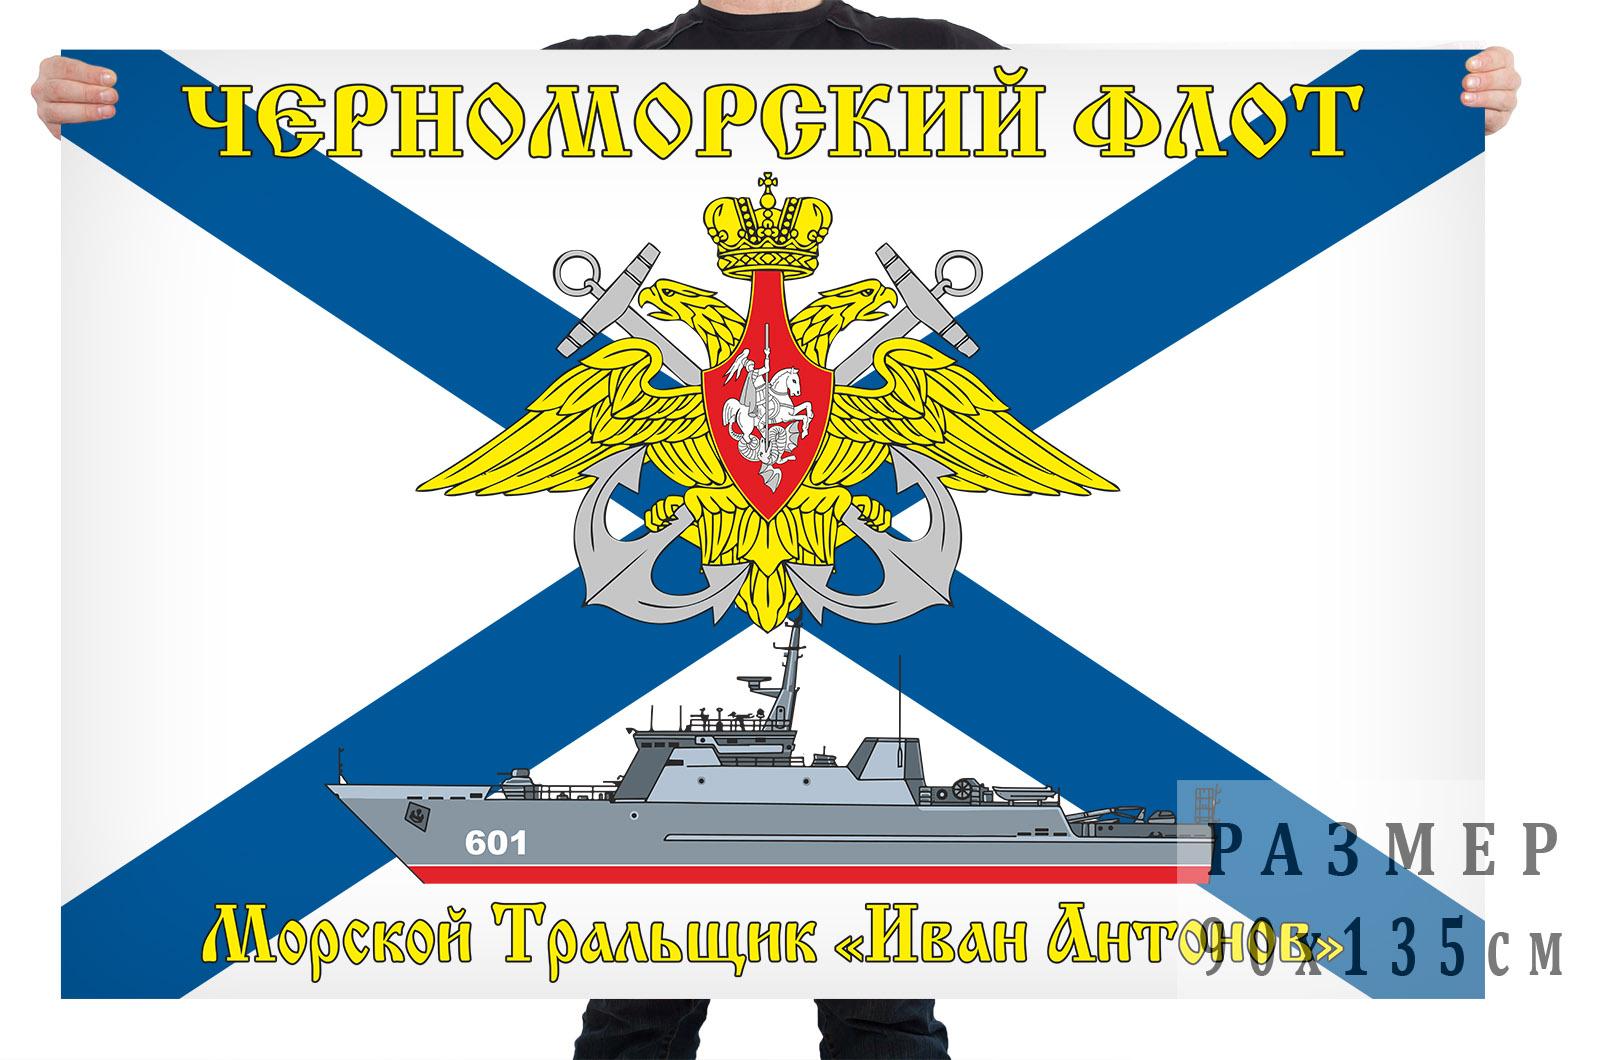 Флаг морского тральщика Иван Антонов